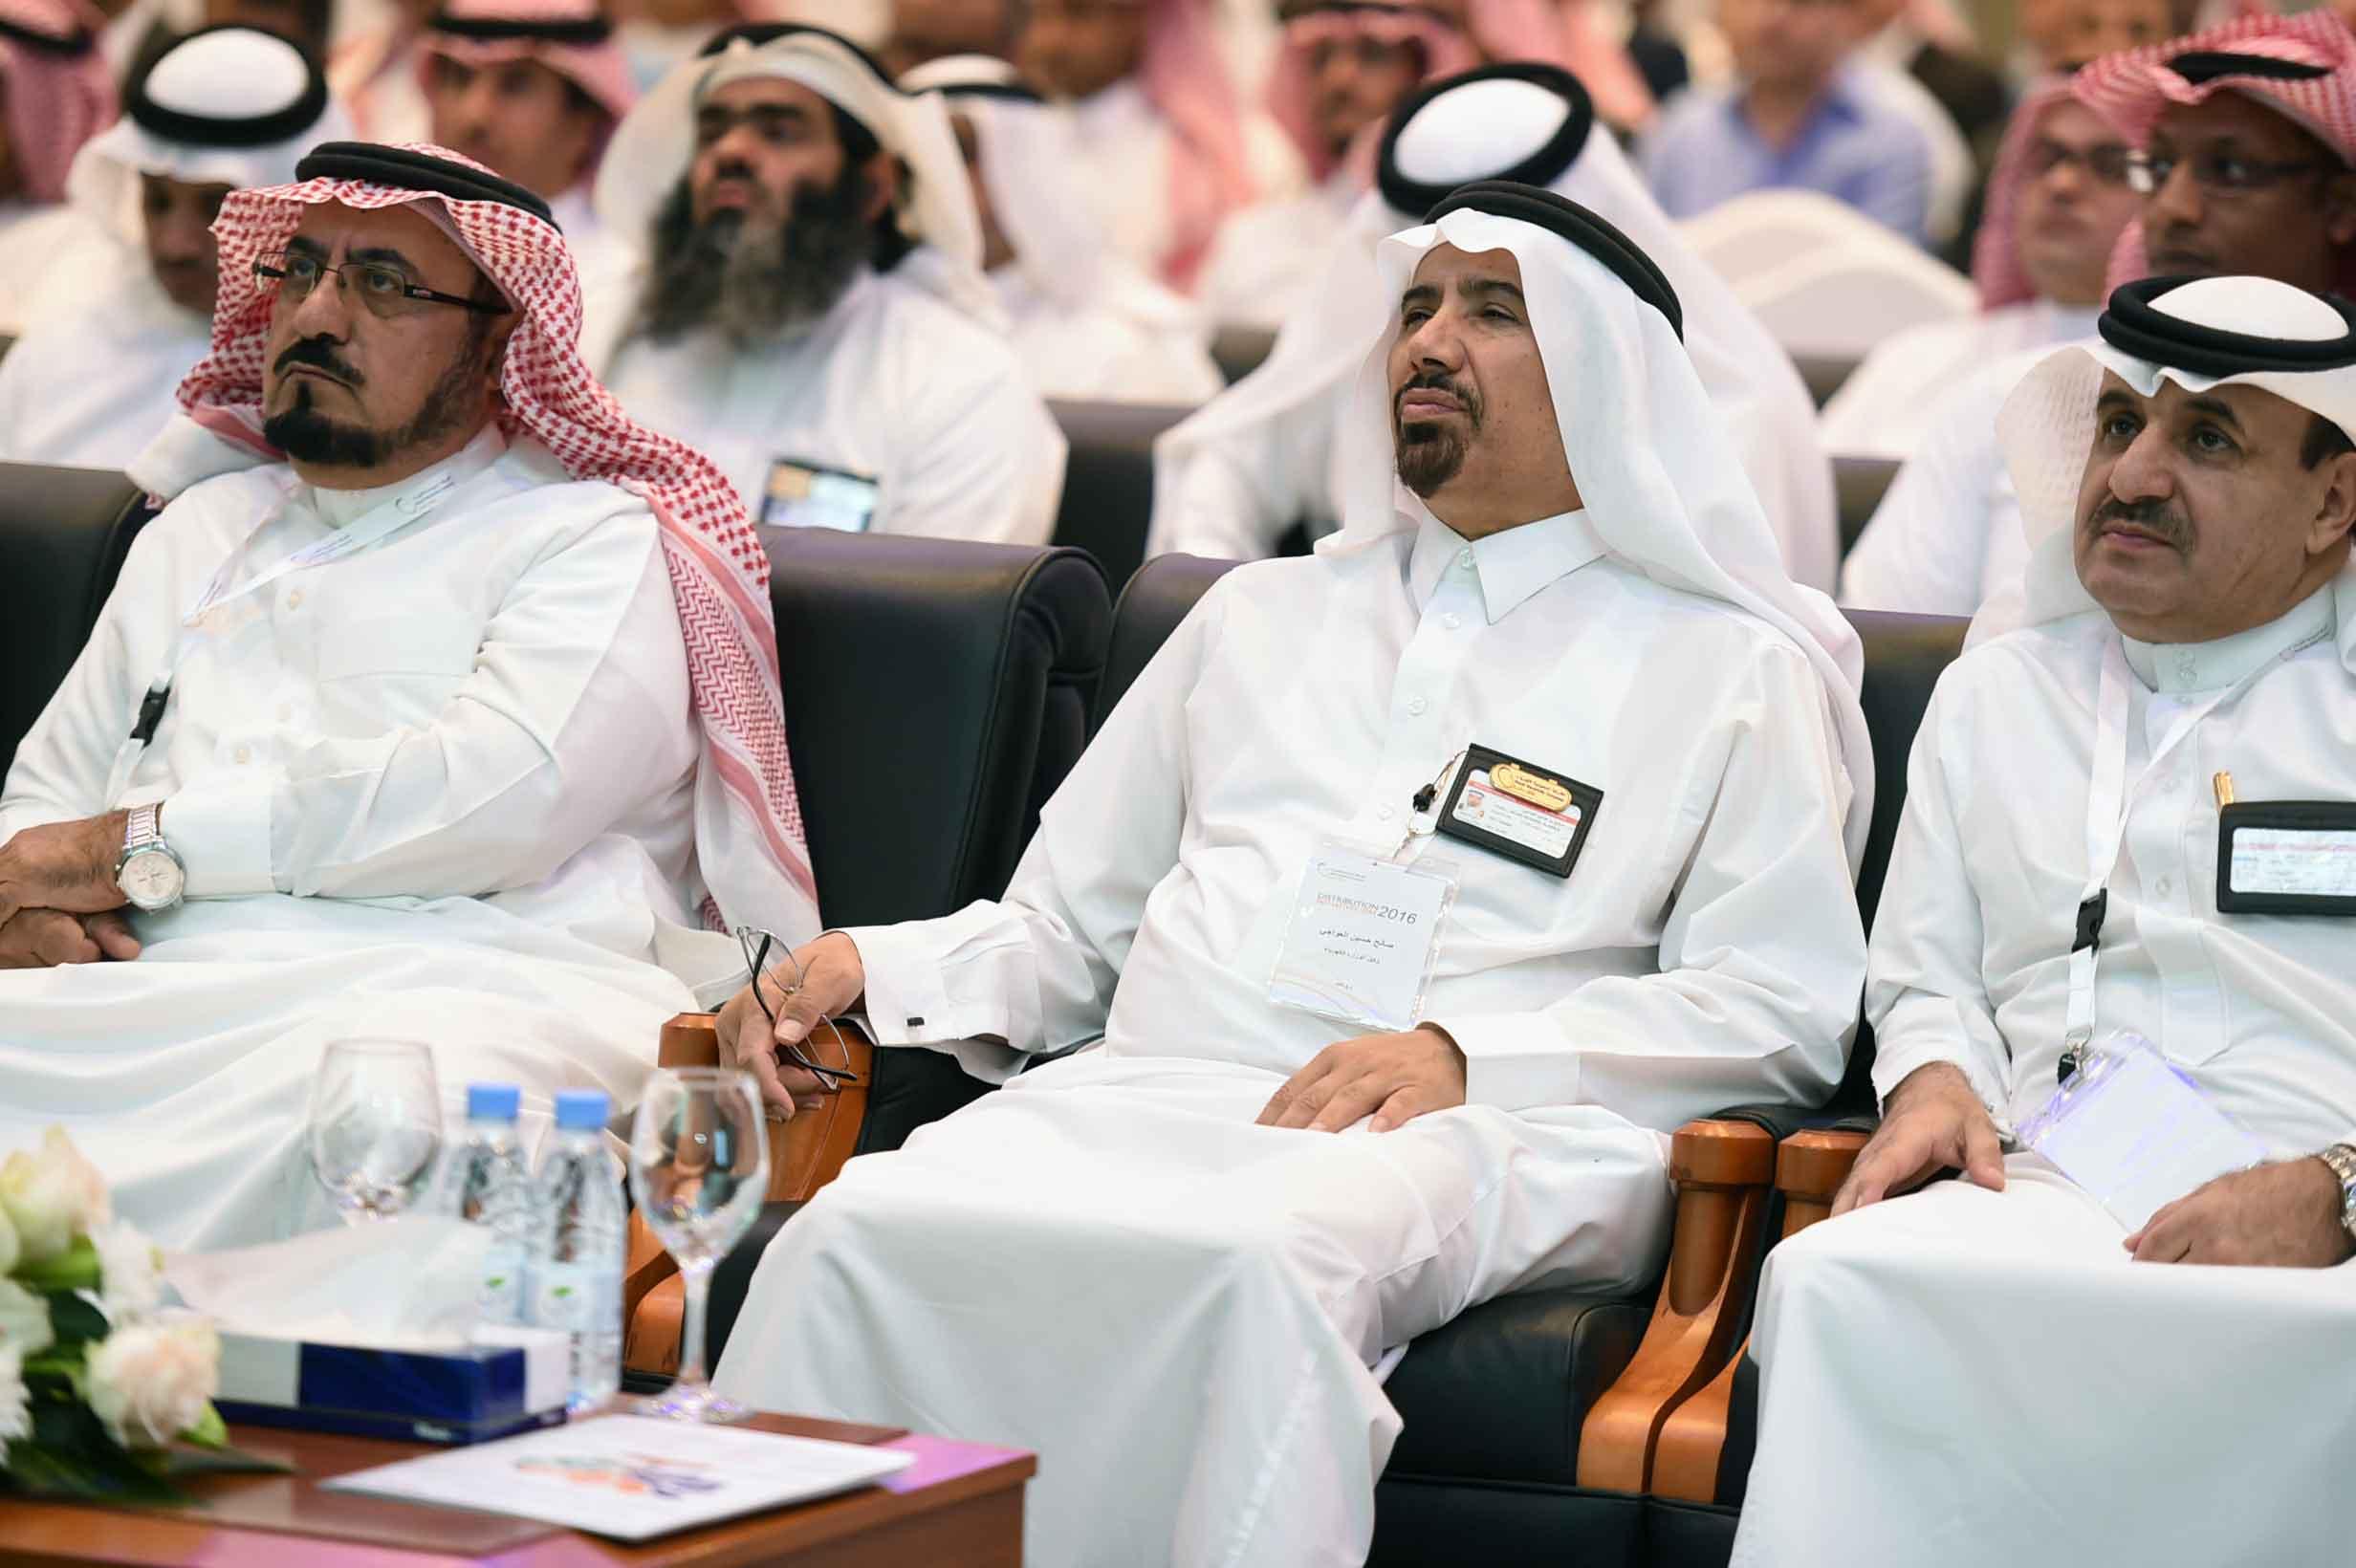 محافظ هيئة تنظيم الكهرباء ووكيل وزارة المياه والكهرباء أثناء حضورهم للملتقى